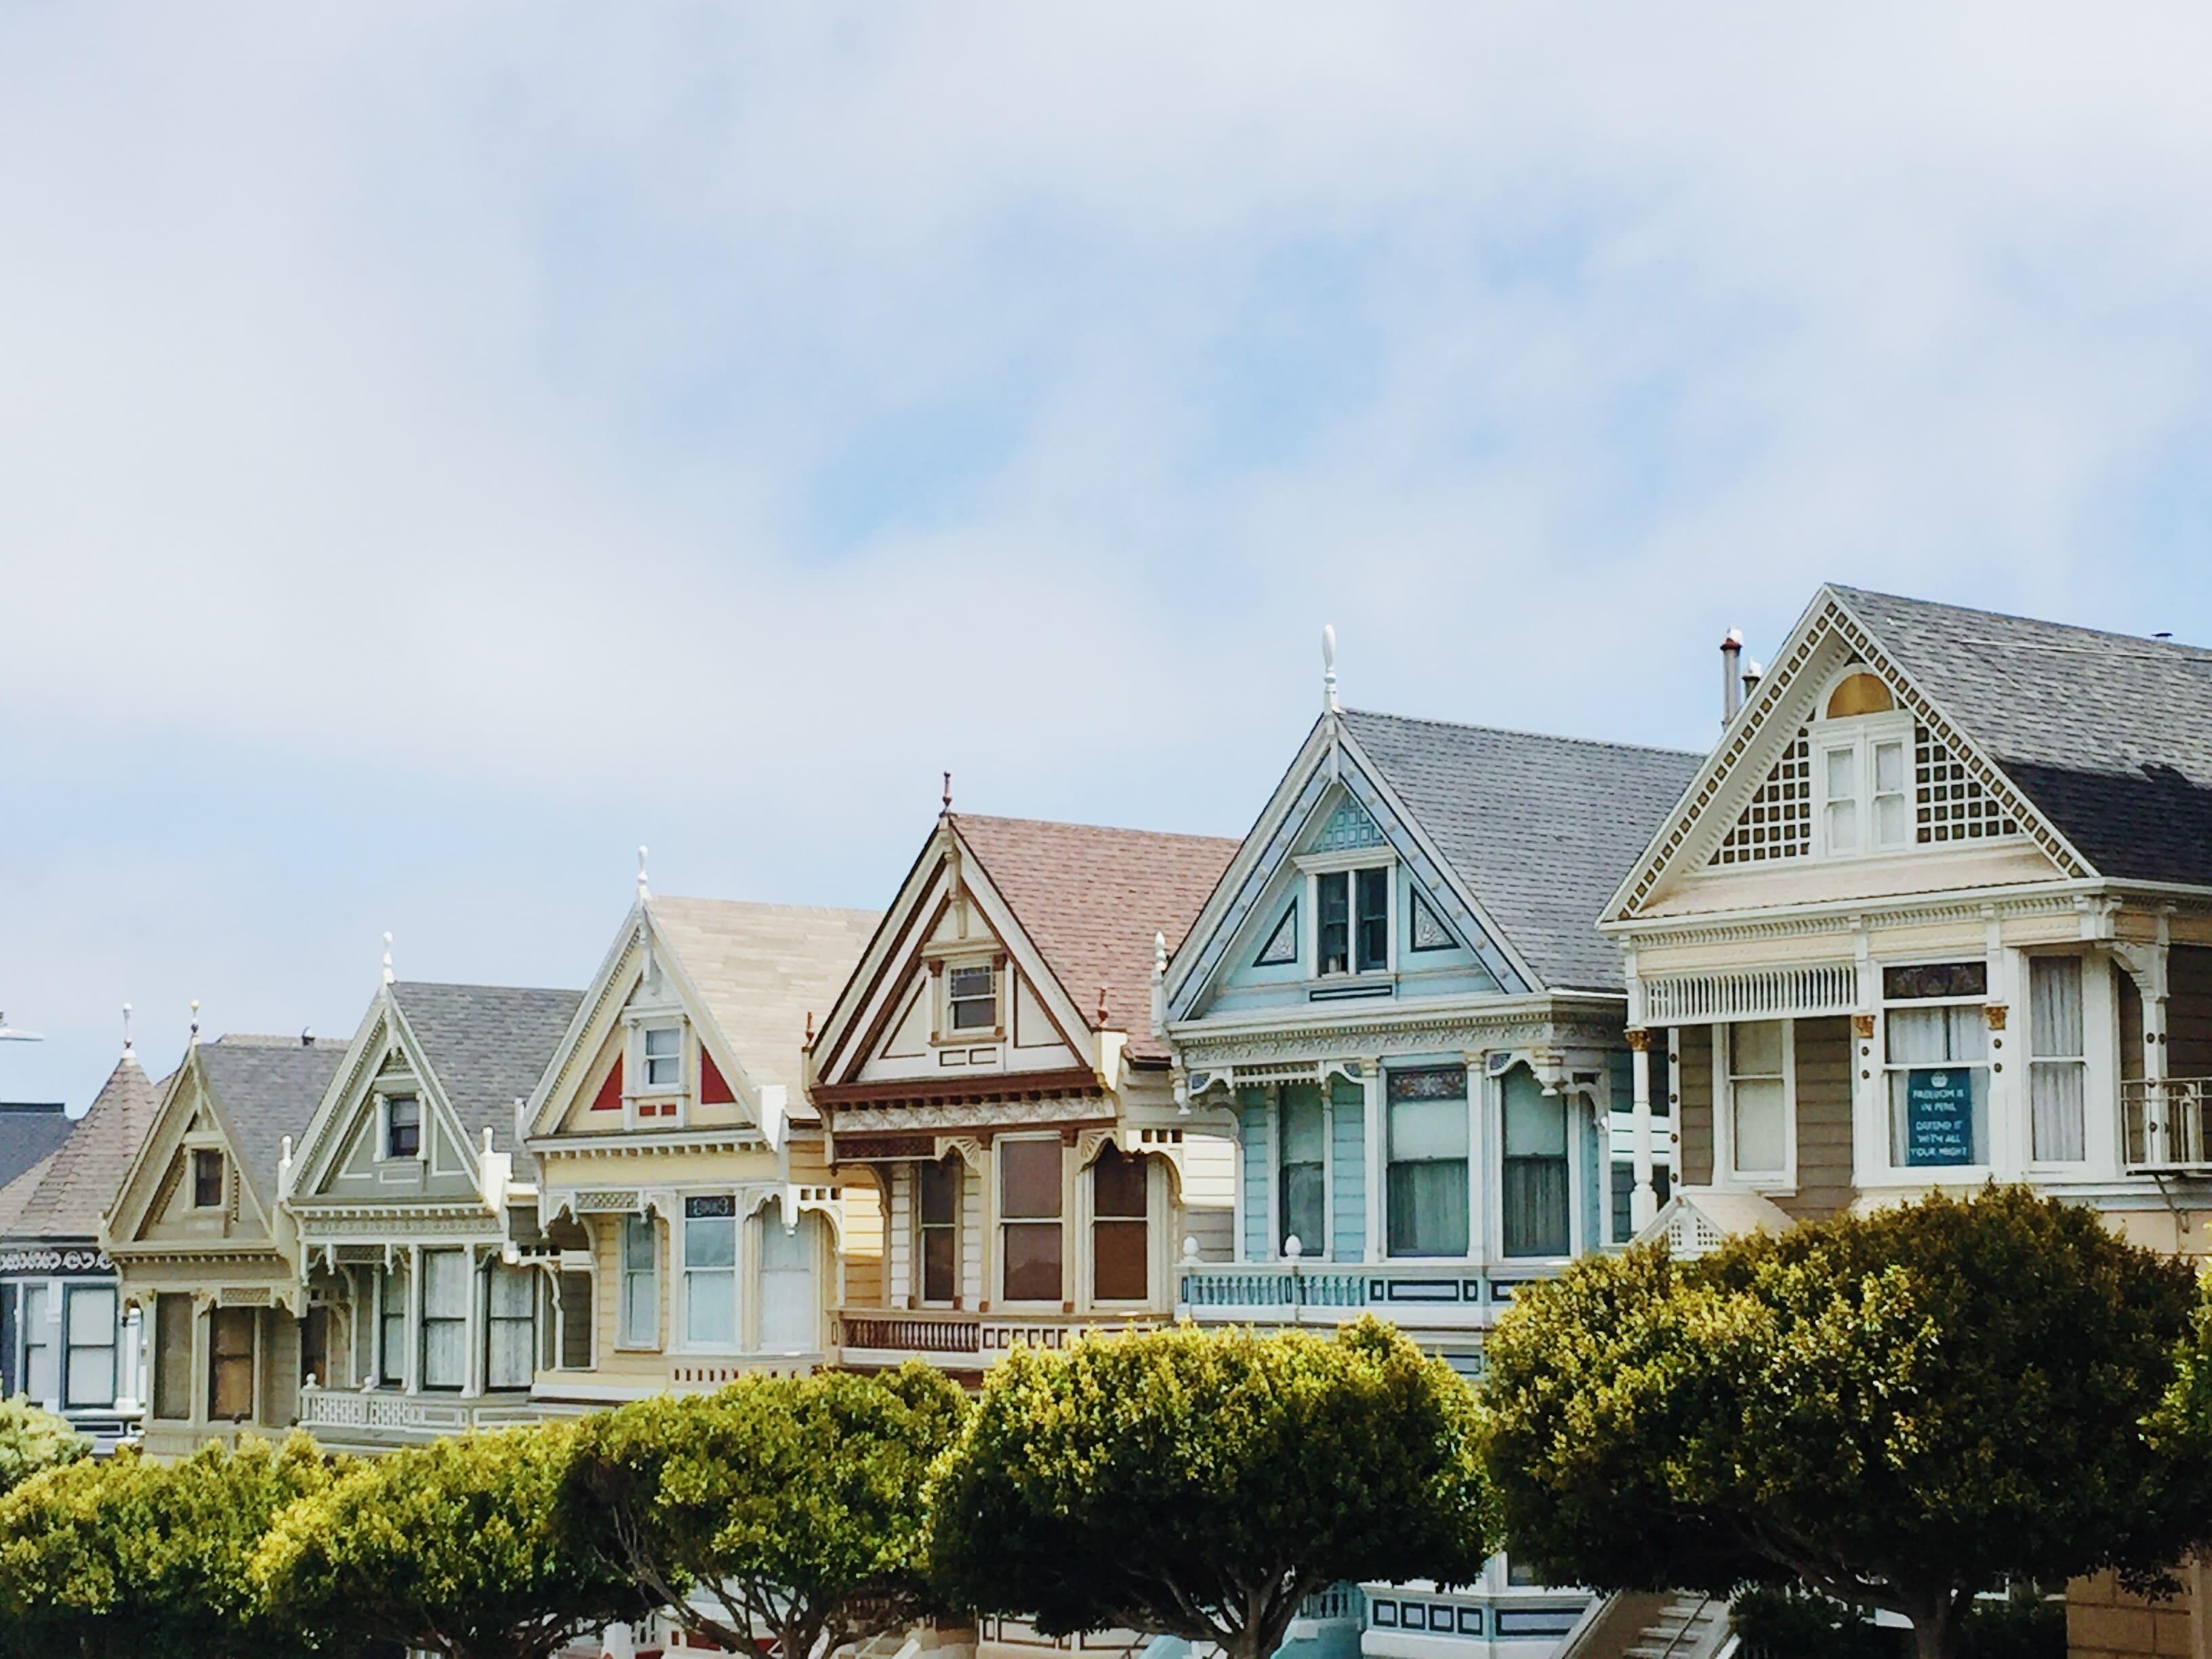 Primo Accedants Obtenez Votre Pret Immobilier Sans Apport En 4